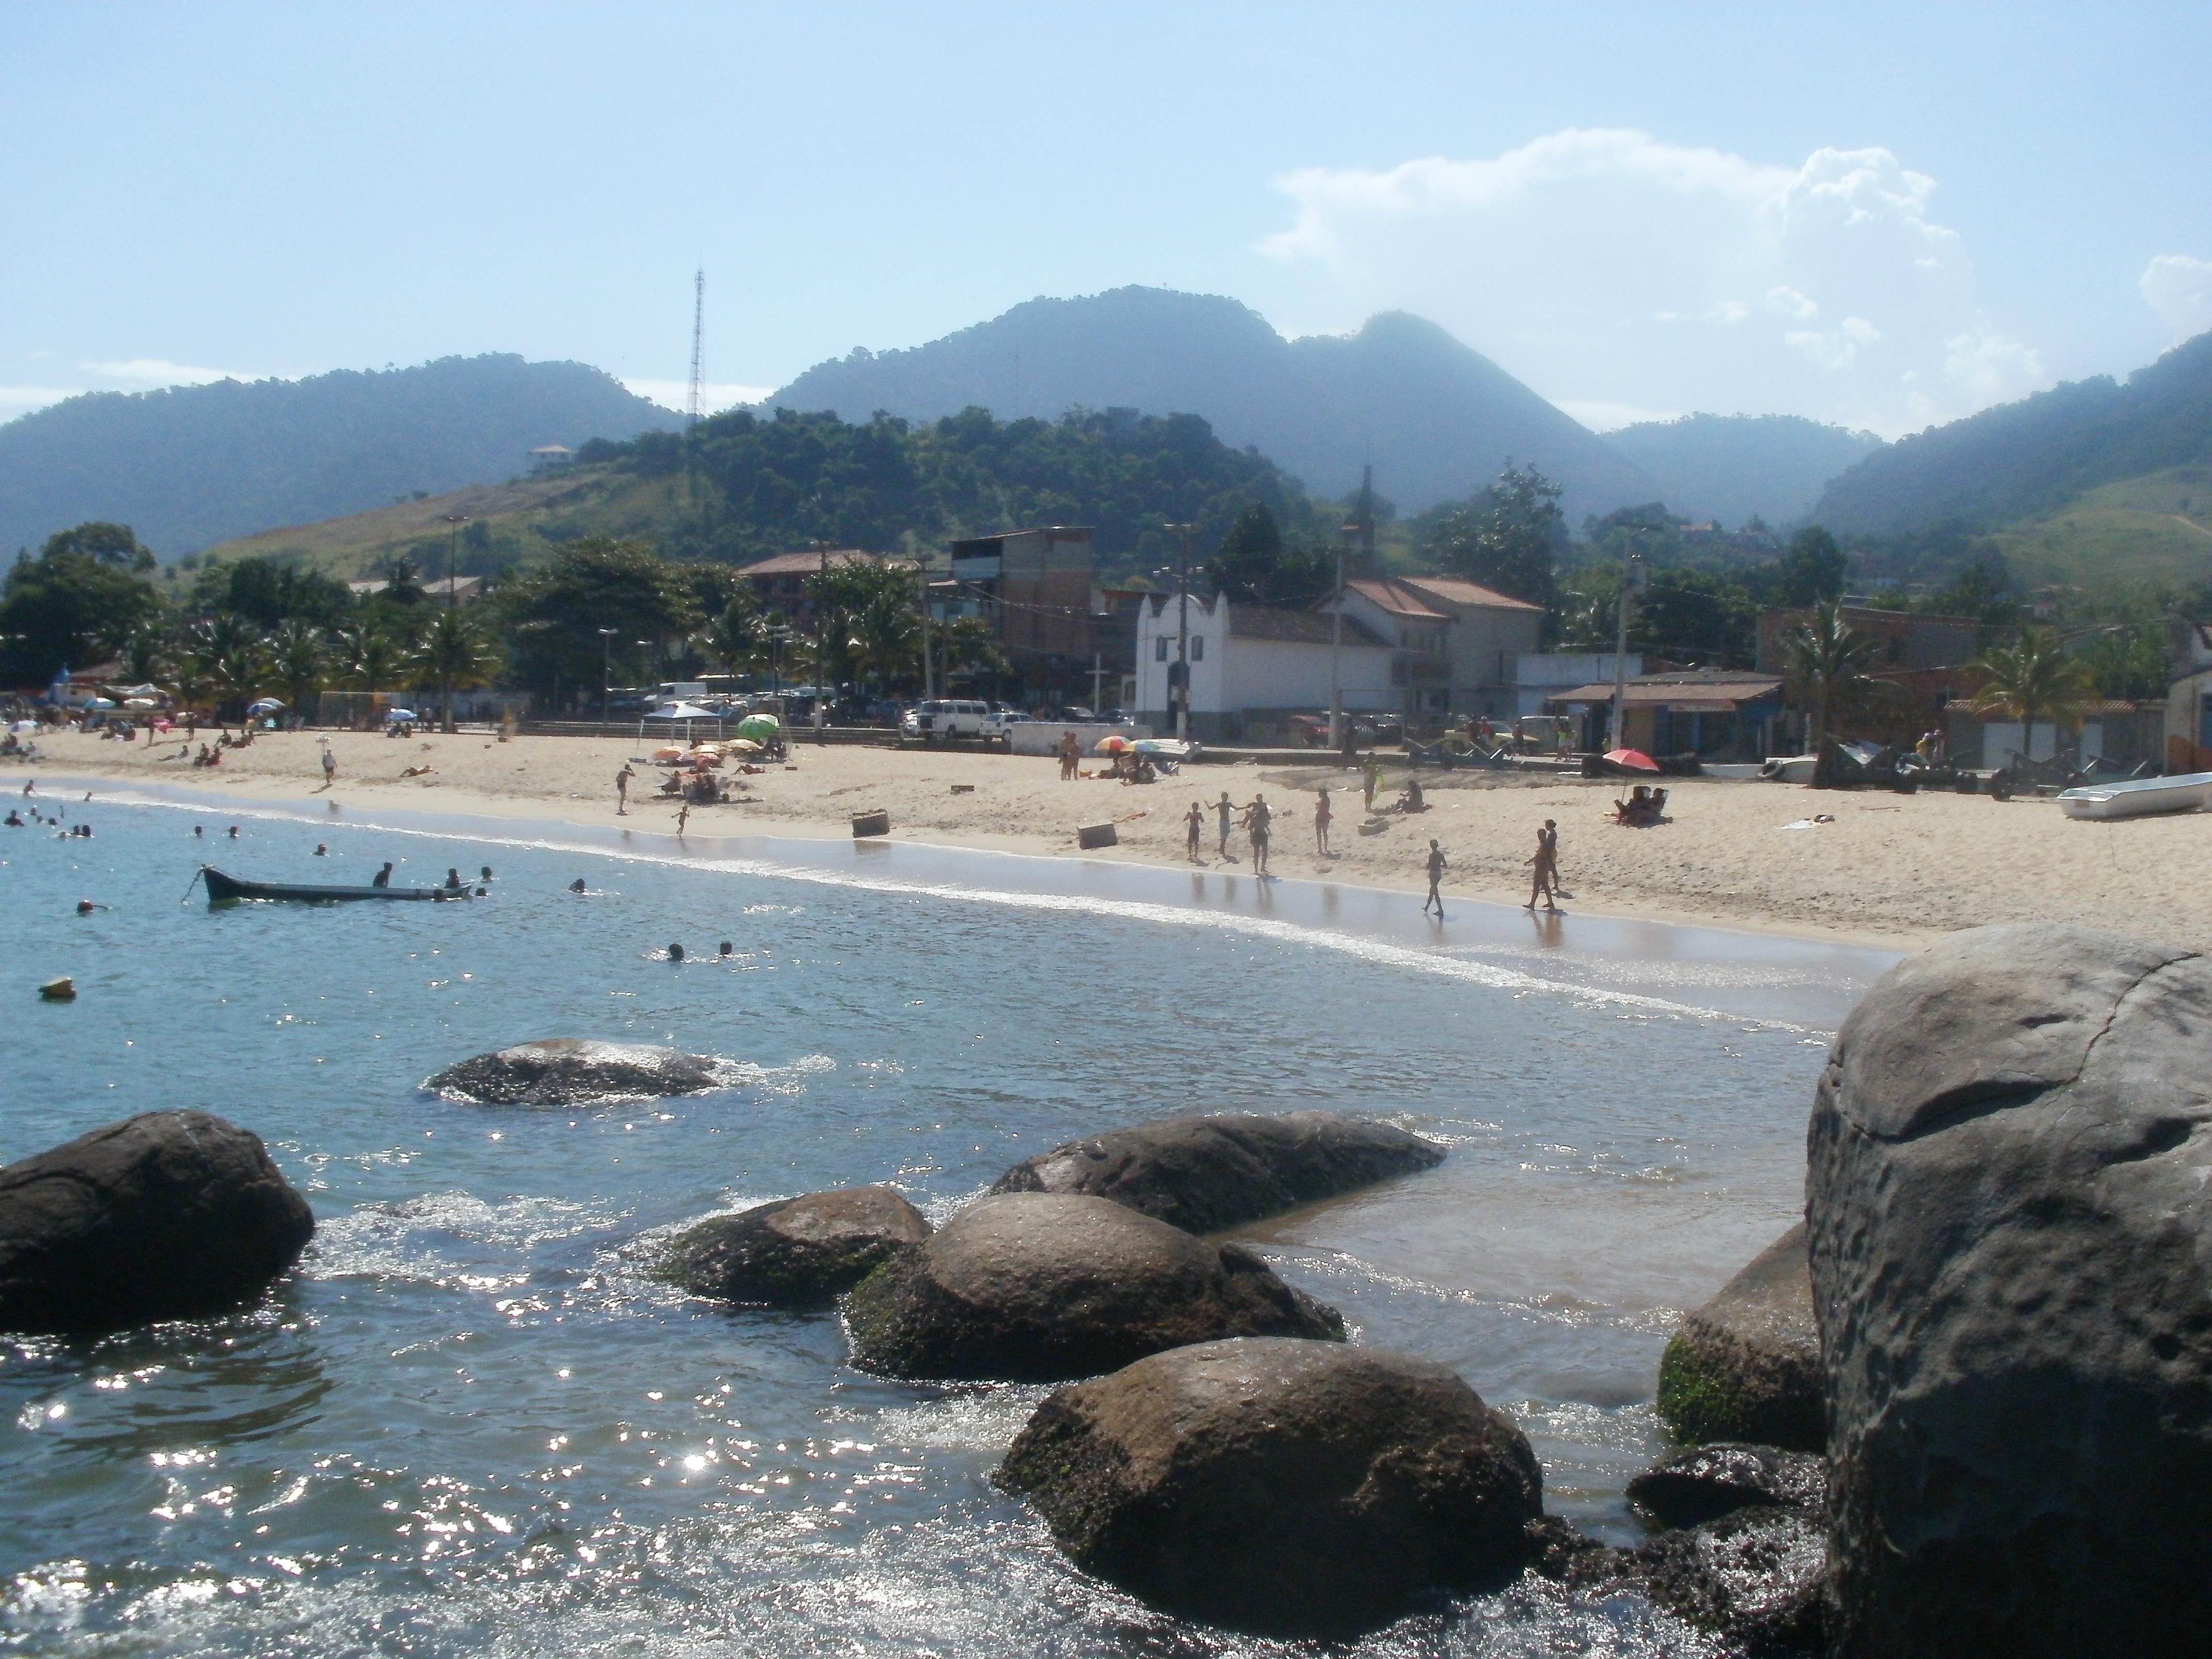 File:Conceição de Jacareí (praia).jpg - Wikimedia Commons